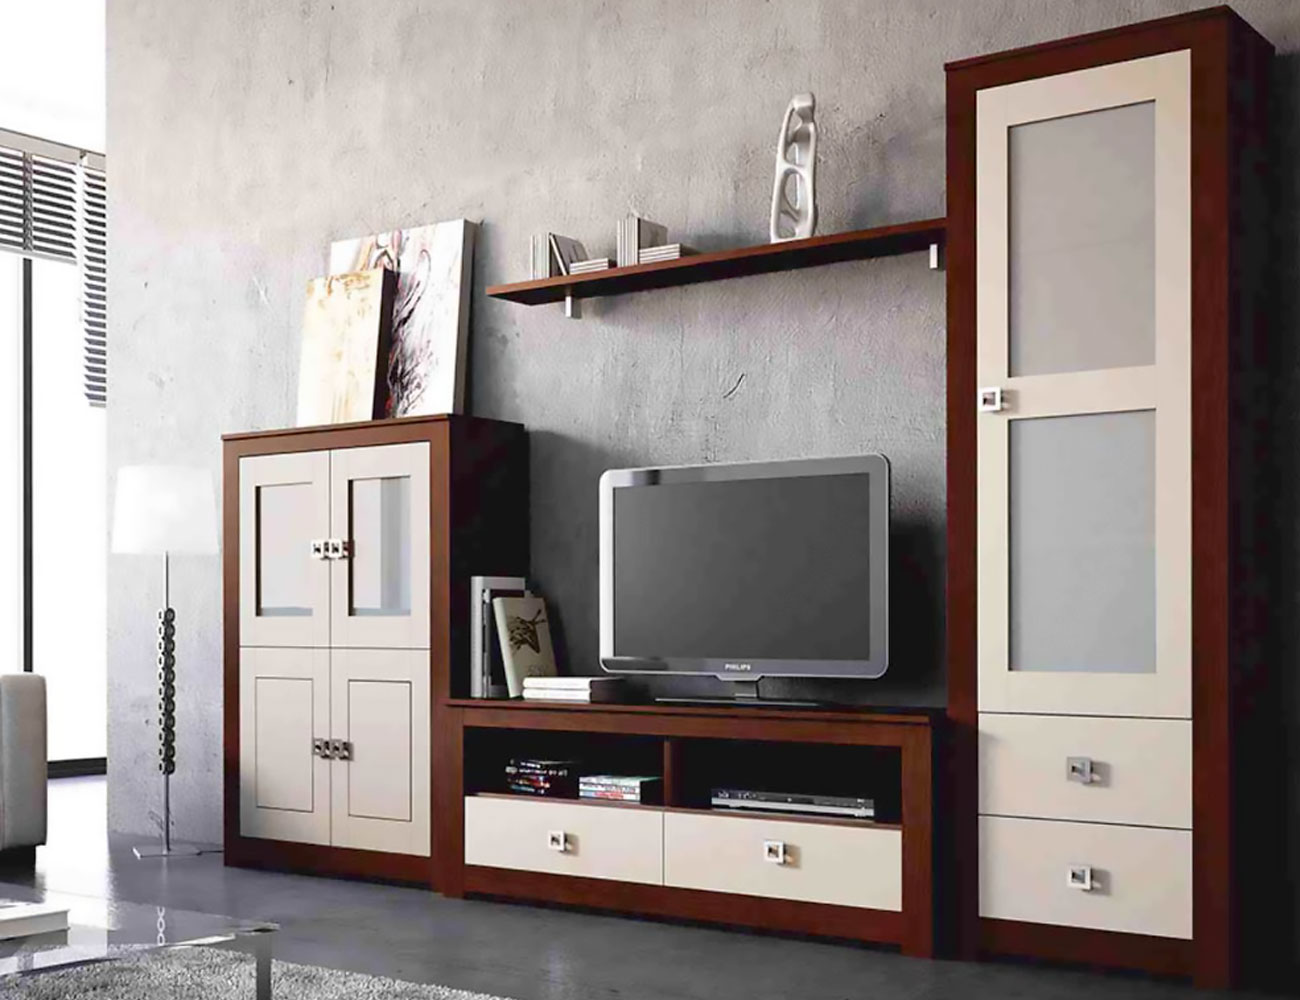 Muebles de dormitorio de matrimonio color nogal con piedra - Muebles de piedra ...